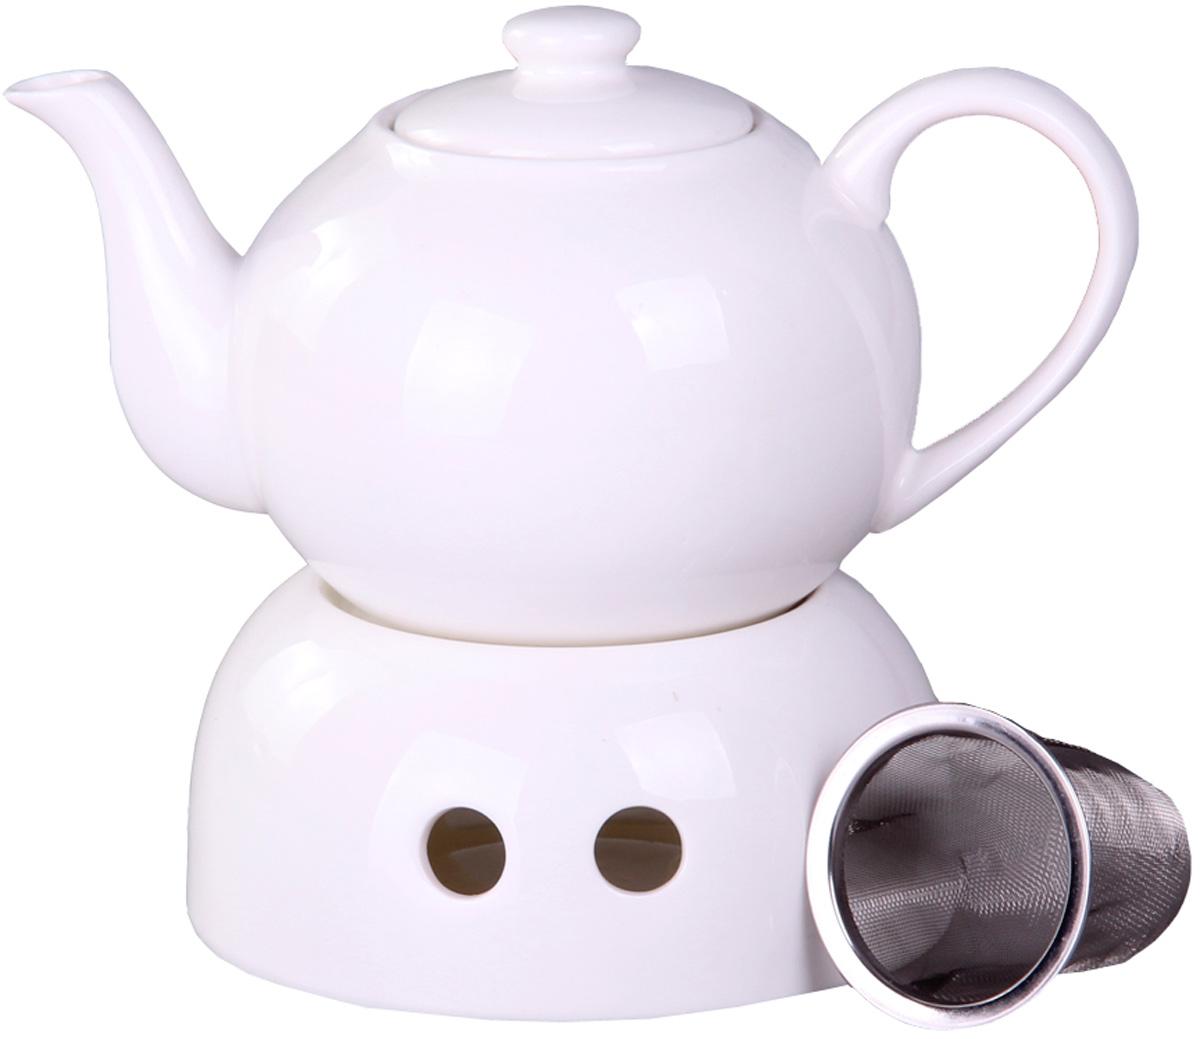 Чайник заварочный Patricia, с подогревом, с фильтром, 600 млVT-1520(SR)Чайник Patricia выполнен из керамики. Изделие располагается на керамической подставке, внутри которой устанавливается чайная свеча, поддерживающая температуру воды. Чайник оснащен съемным металлическим фильтром. Цейлонский черный, зеленый с жасмином, травяной или ягодный - любой чай в таком чайнике станет для вас наслаждением, поводом отдохнуть и перевести дыхание. Настоящие ценители этого напитка пьют только заварной чай, именно поэтому такой чайник - незаменимый предмет на кухне у гостеприимной хозяйки. Объем чайника: 600 мл.